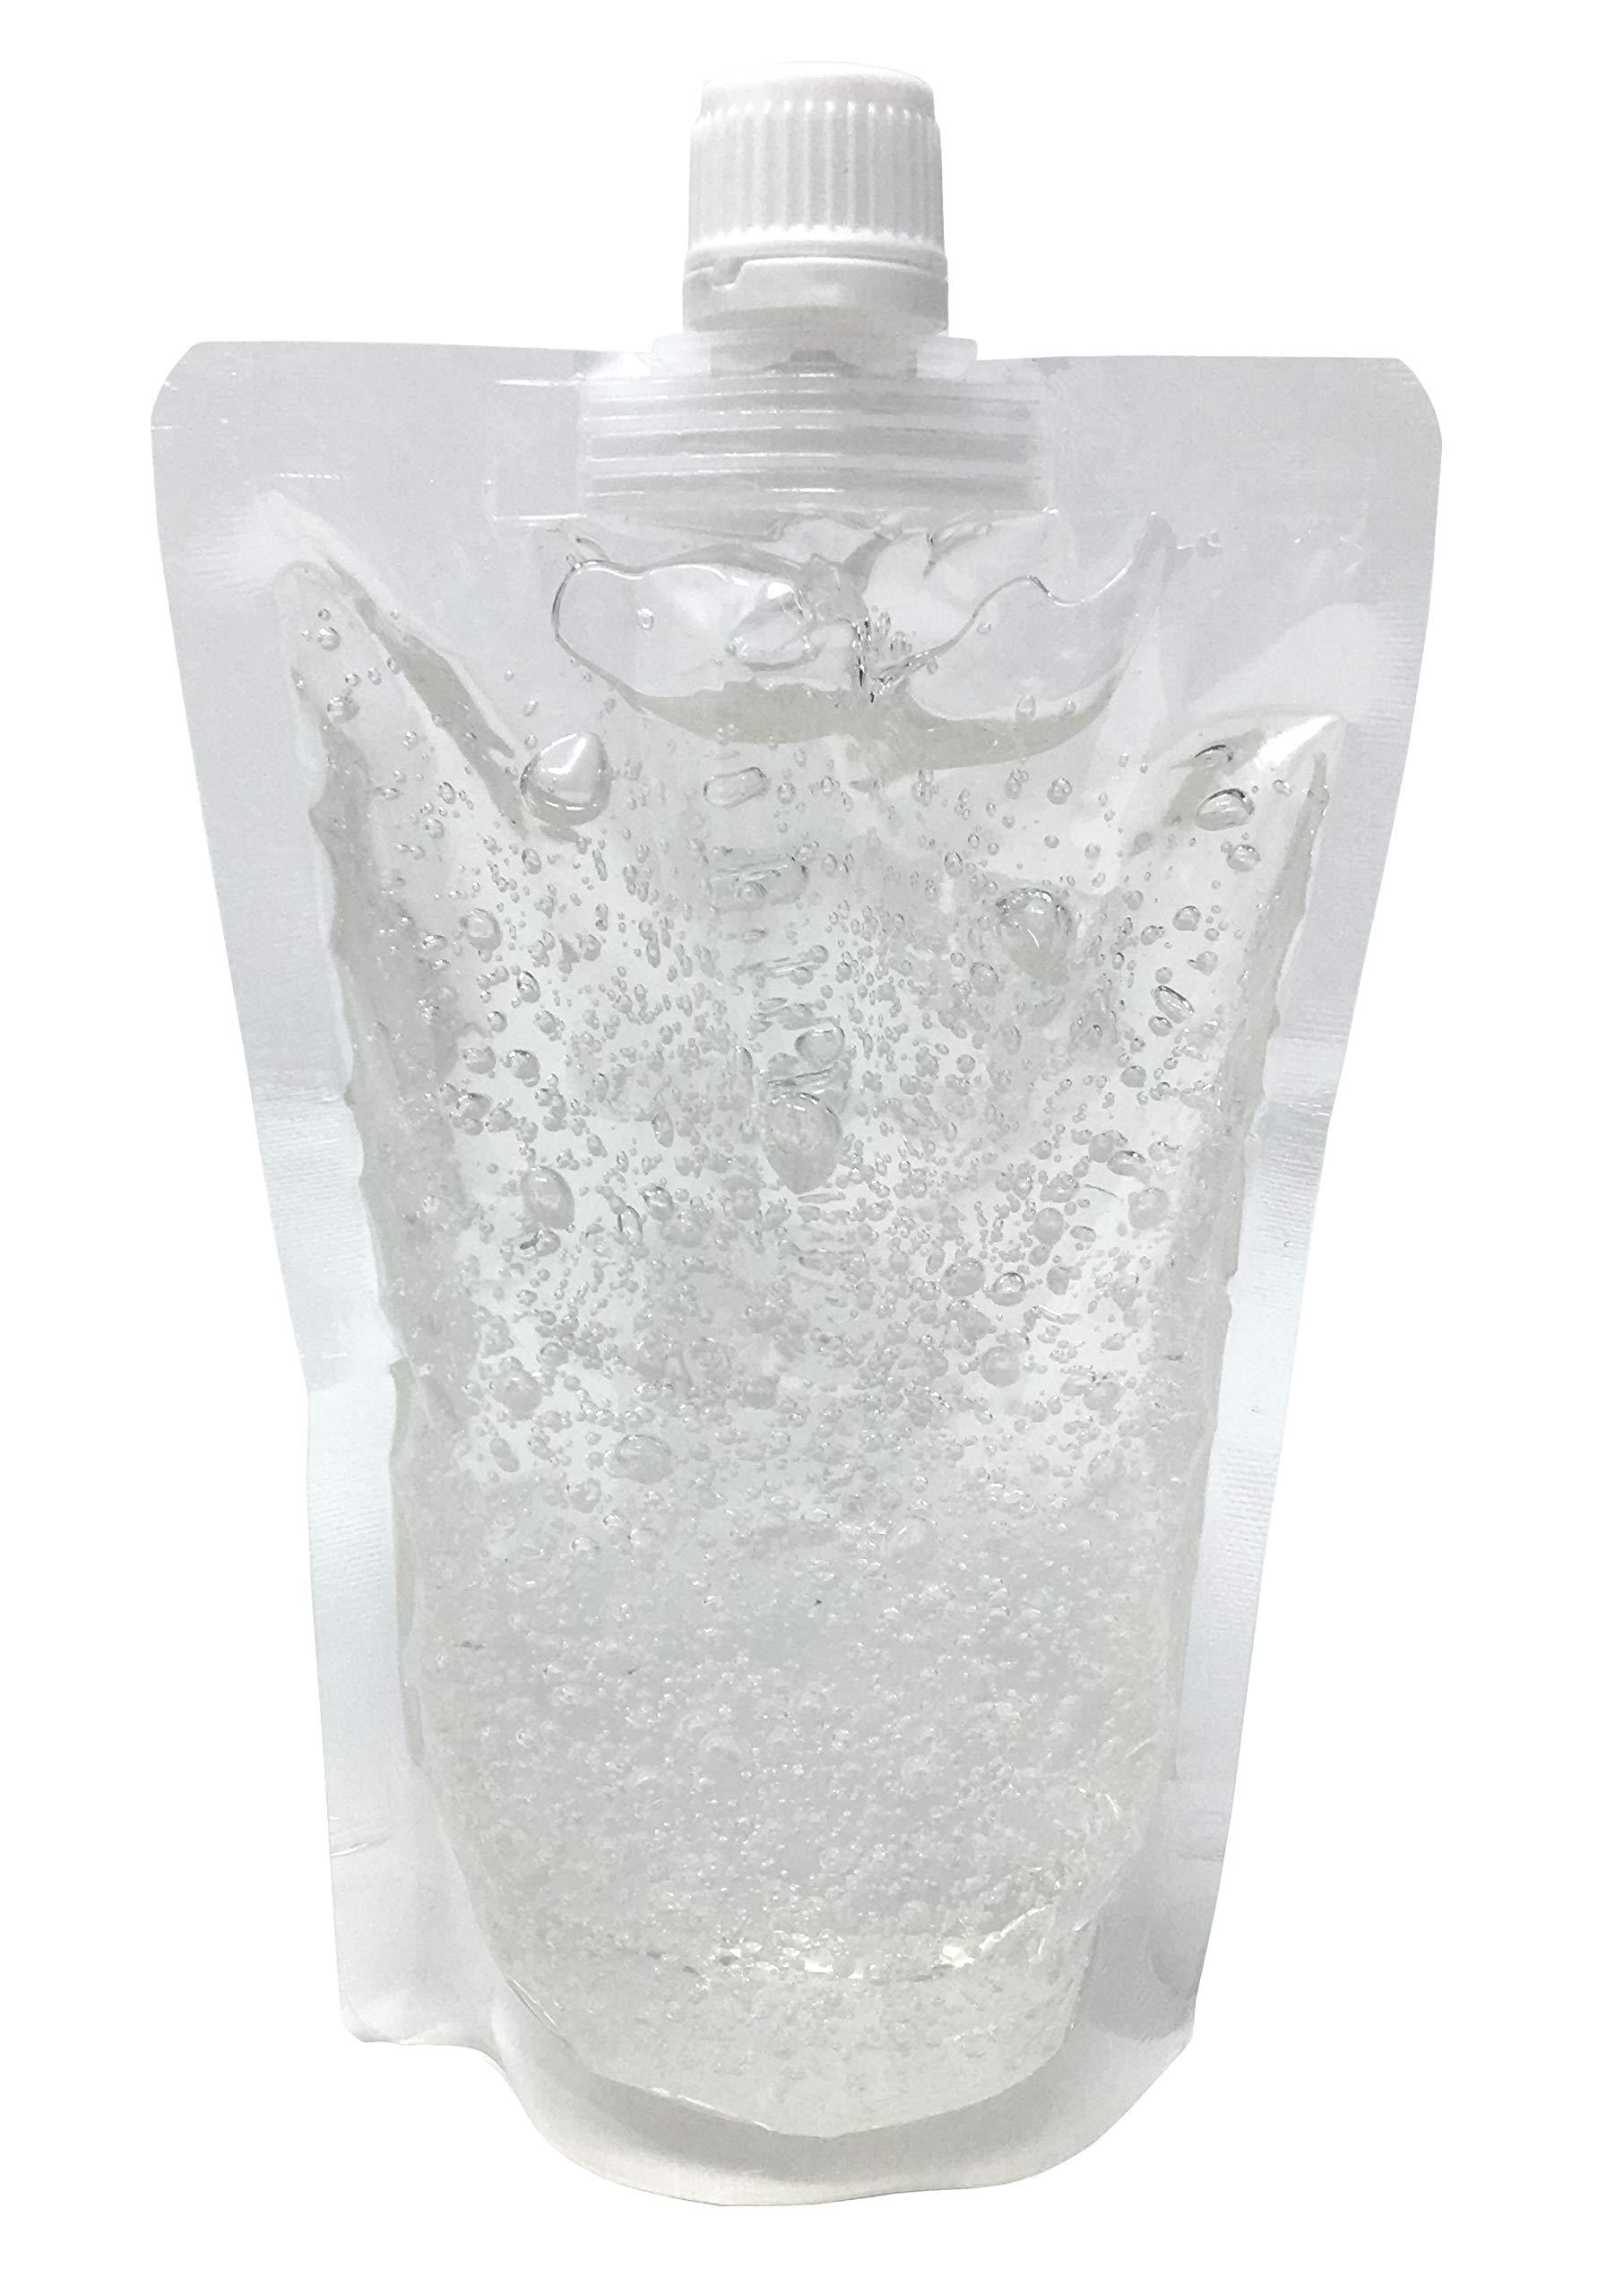 Versagel Lip Gloss Base (10 ounce pouch)